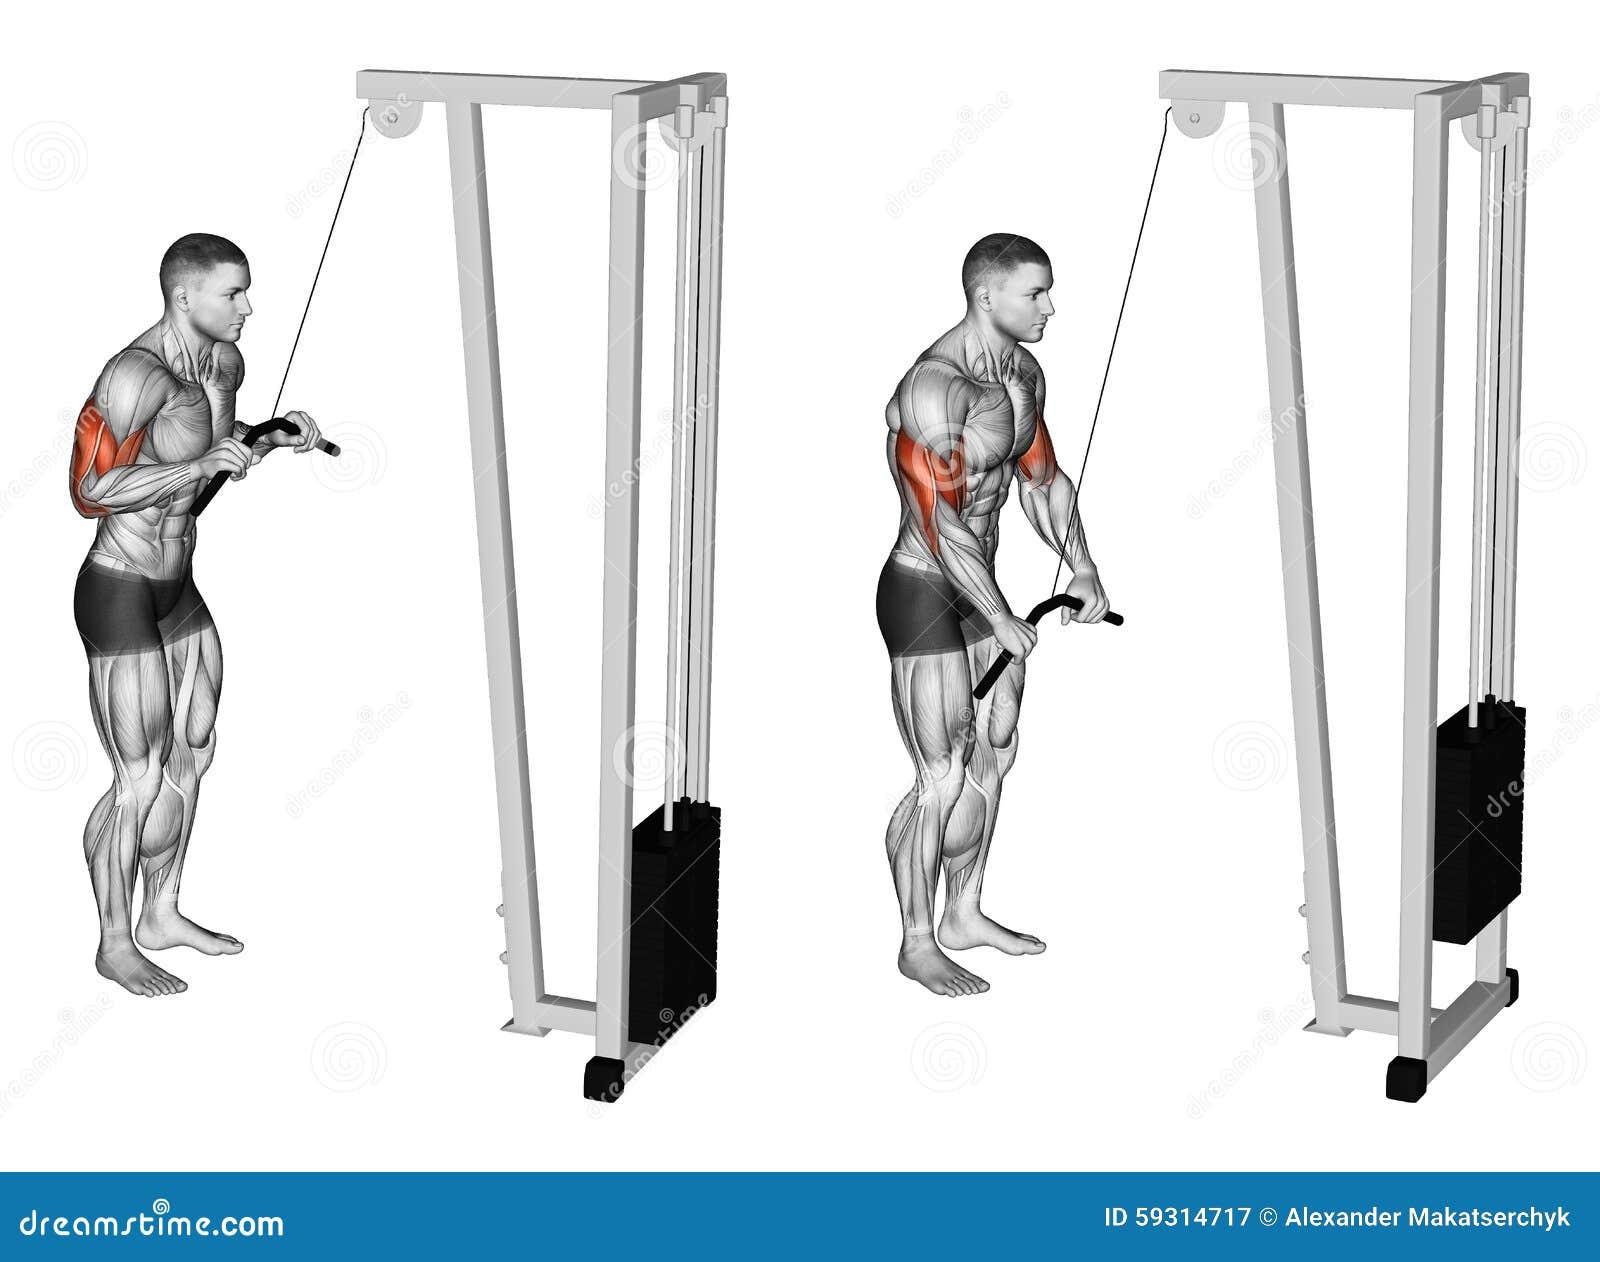 Exercising La extensión de manos en un simulador del bloque muscles el bíceps y el tríceps